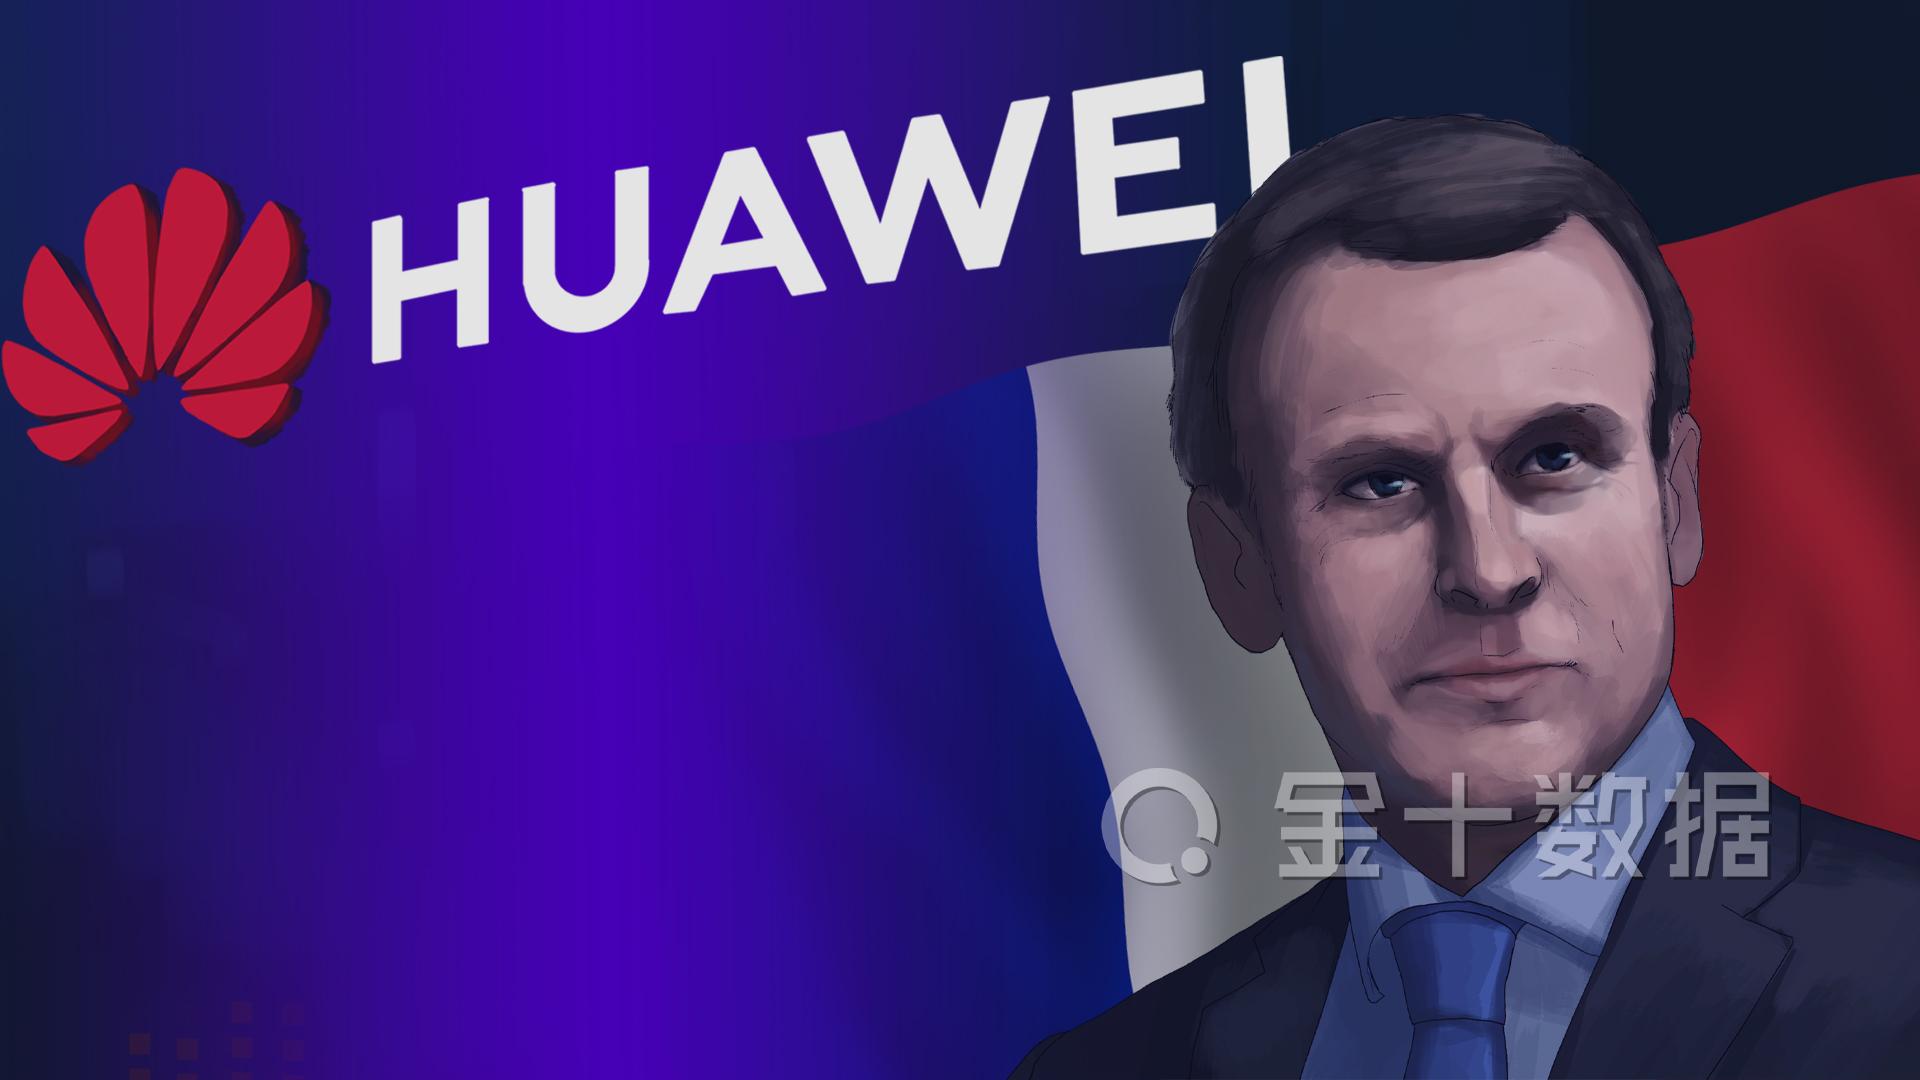 中法签下1050亿大单后,法国5G或寻求与华为合作,英德仍举棋不定_中欧新闻_欧洲中文网